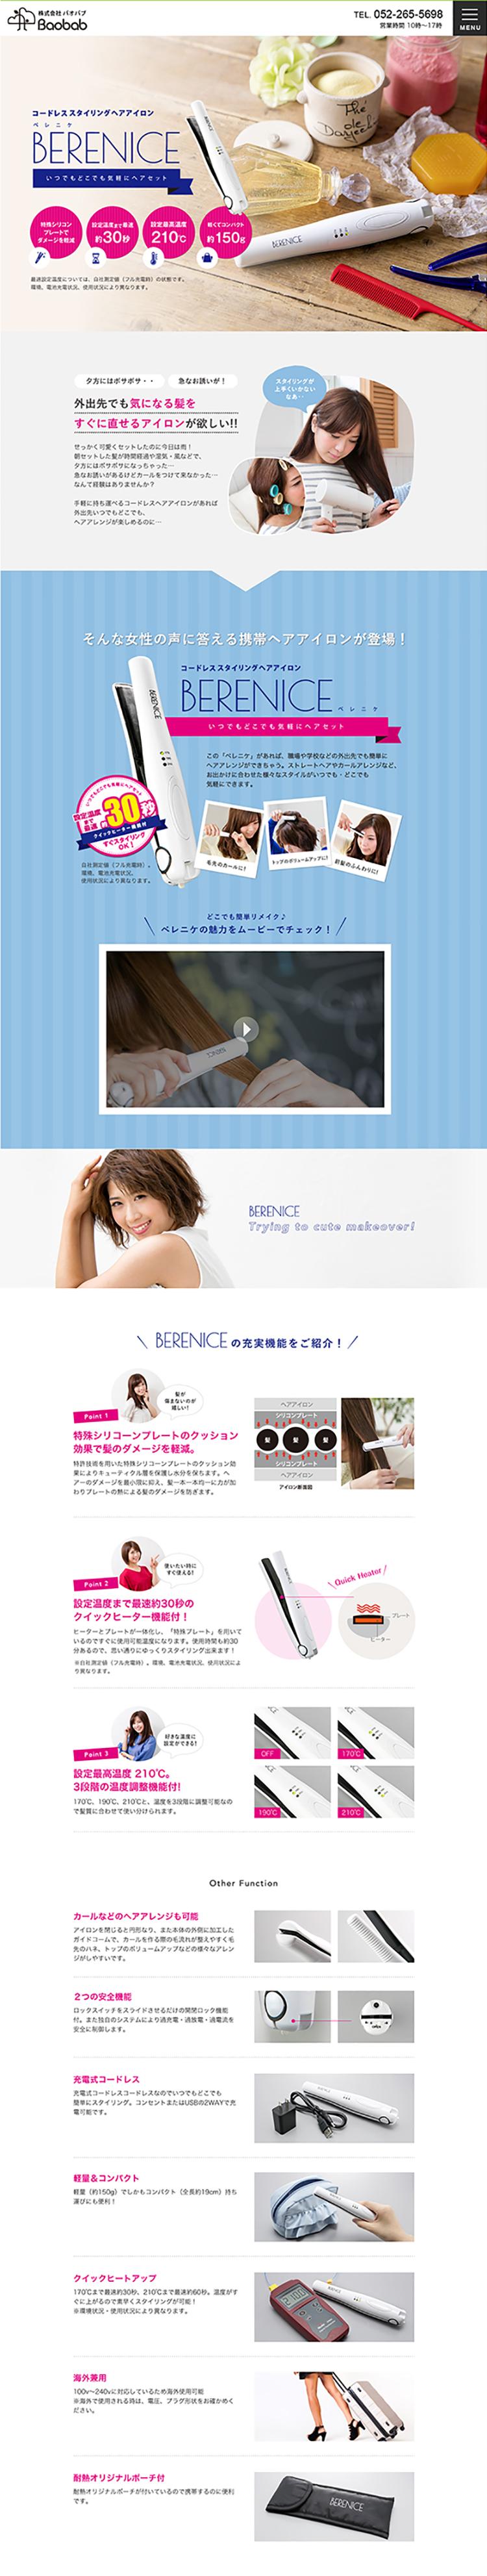 コードレスヘアアイロン「BERENICE」 商品サイト制作